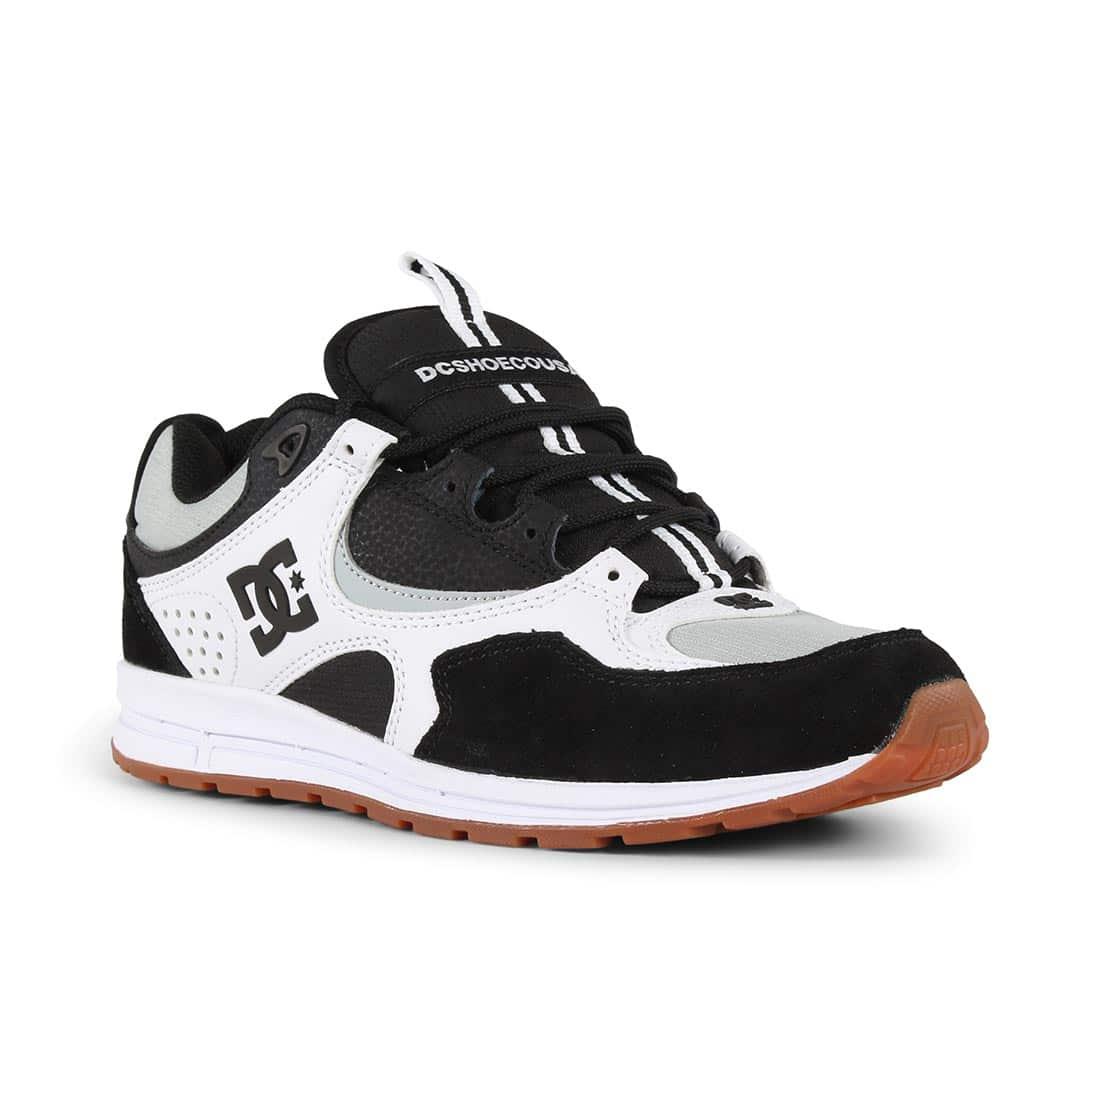 DC Shoes Kalis Lite - Black / Grey / White